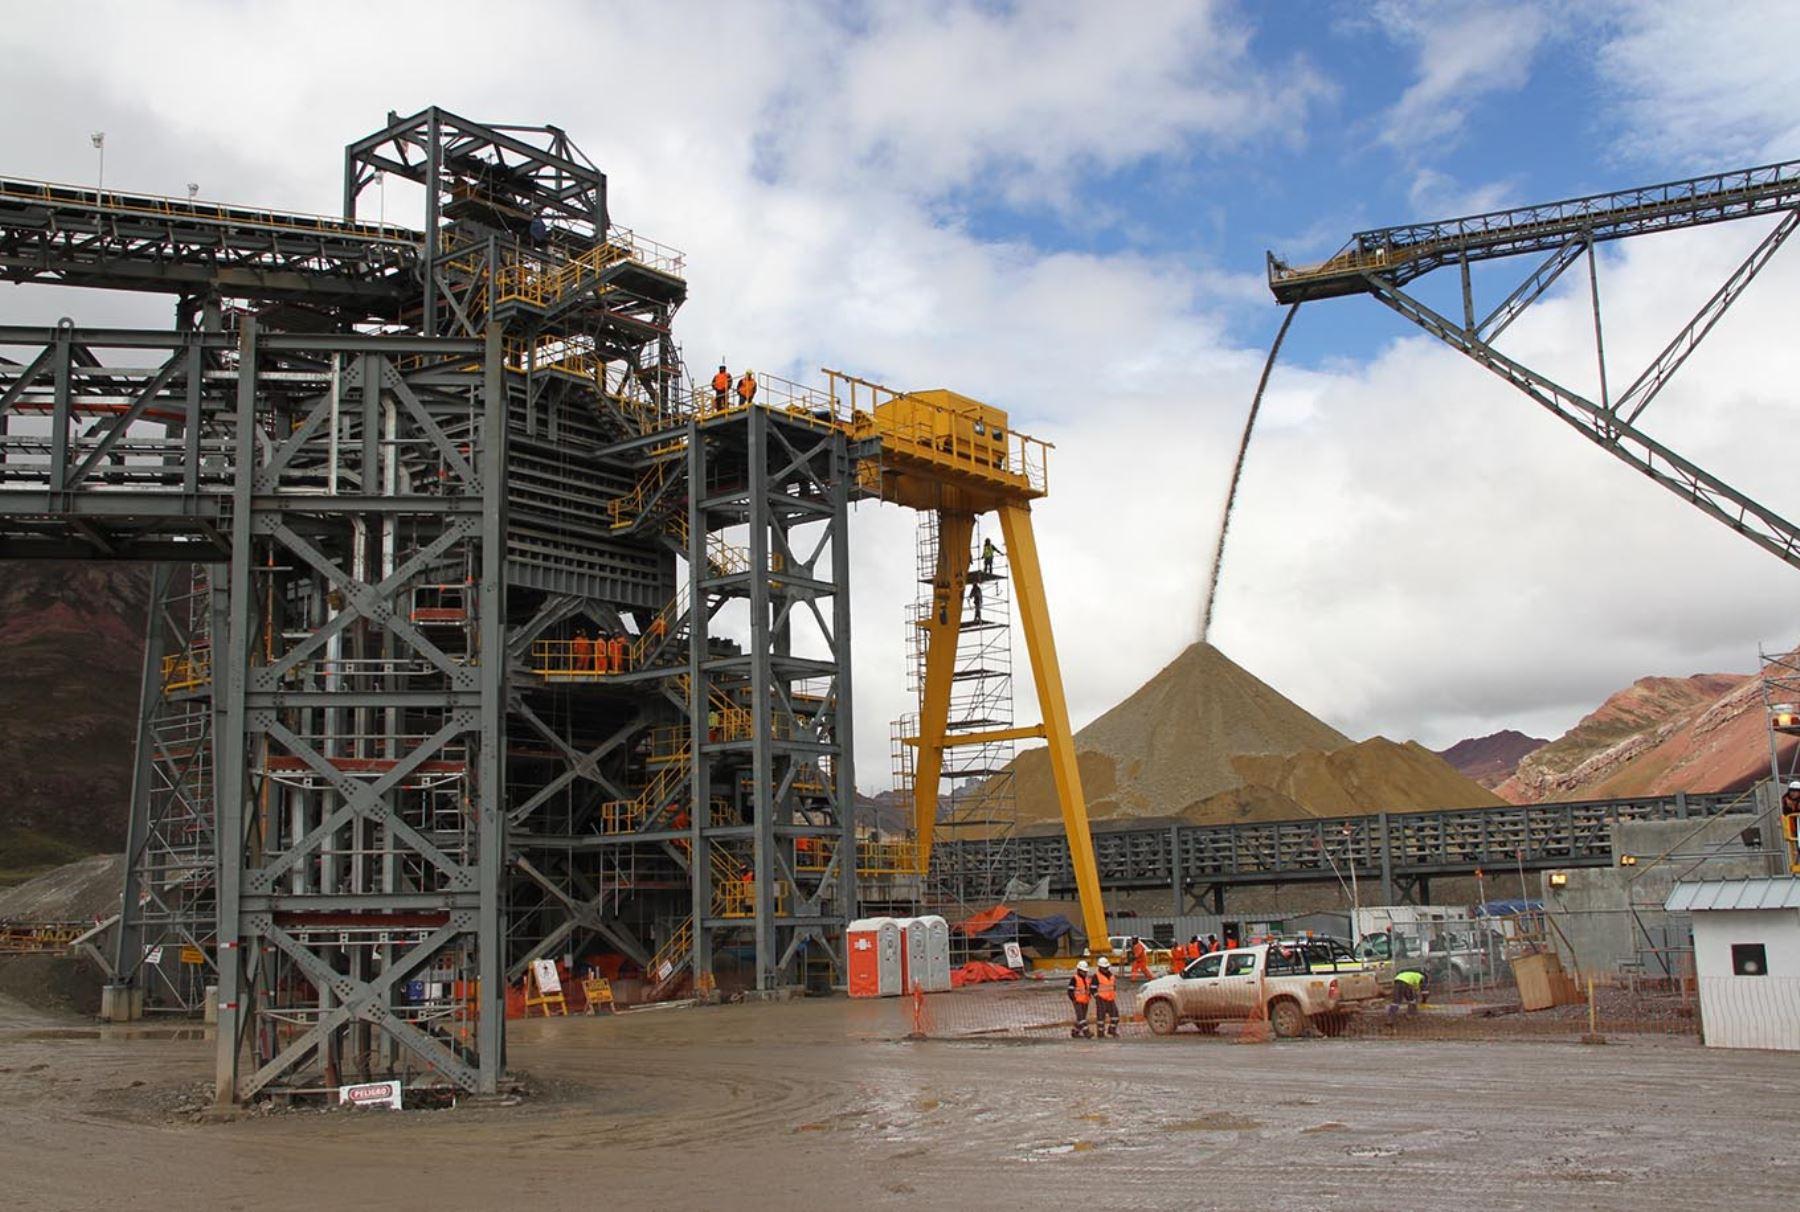 Resultado de imagen para Ejecutivo promoverá 5 proyectos mineros en 2018 por US$ 10,000 millones